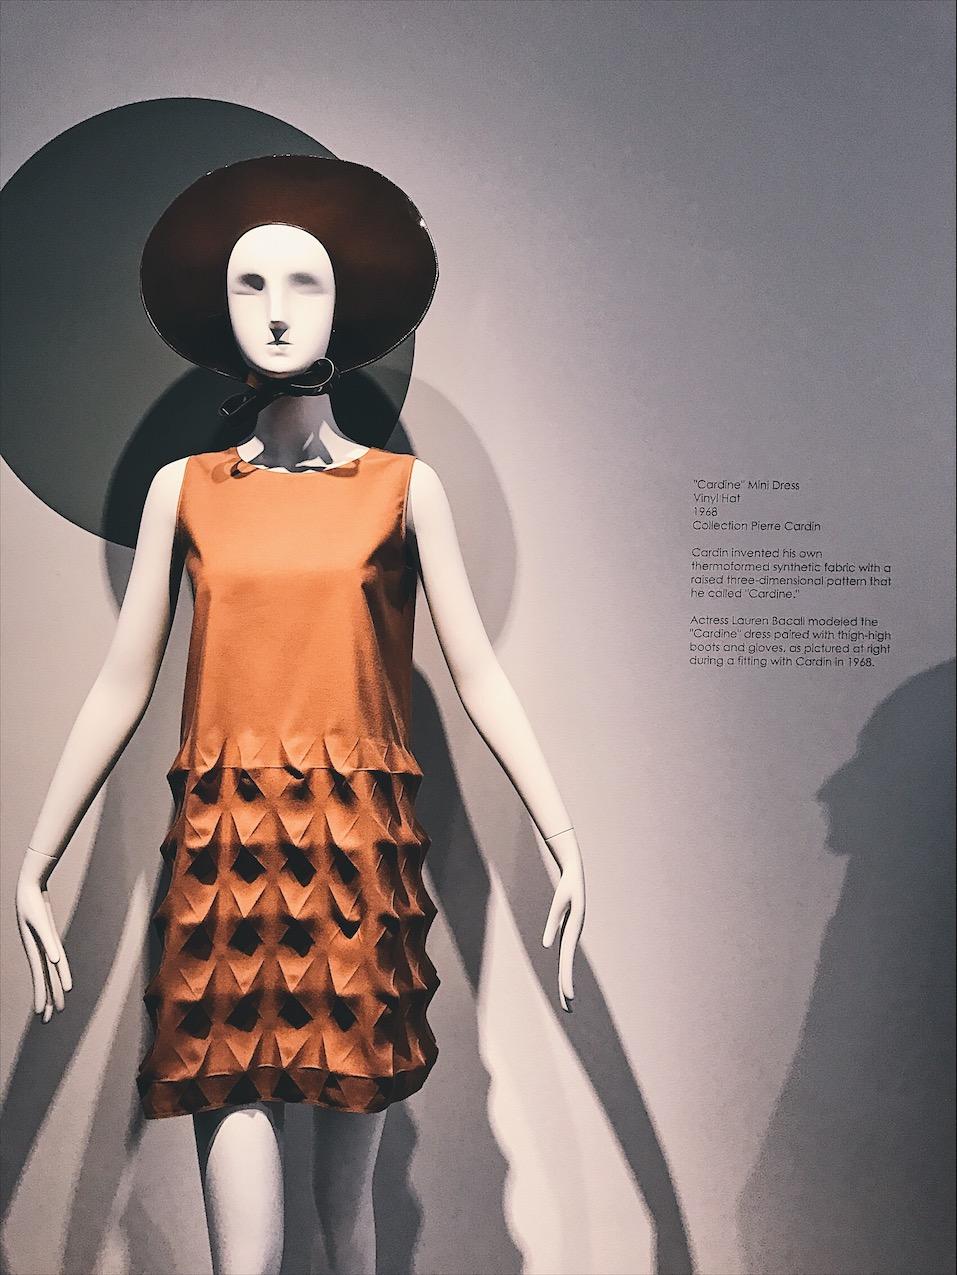 Pierre Cardin Rosecliff Lauren Bacall Dress